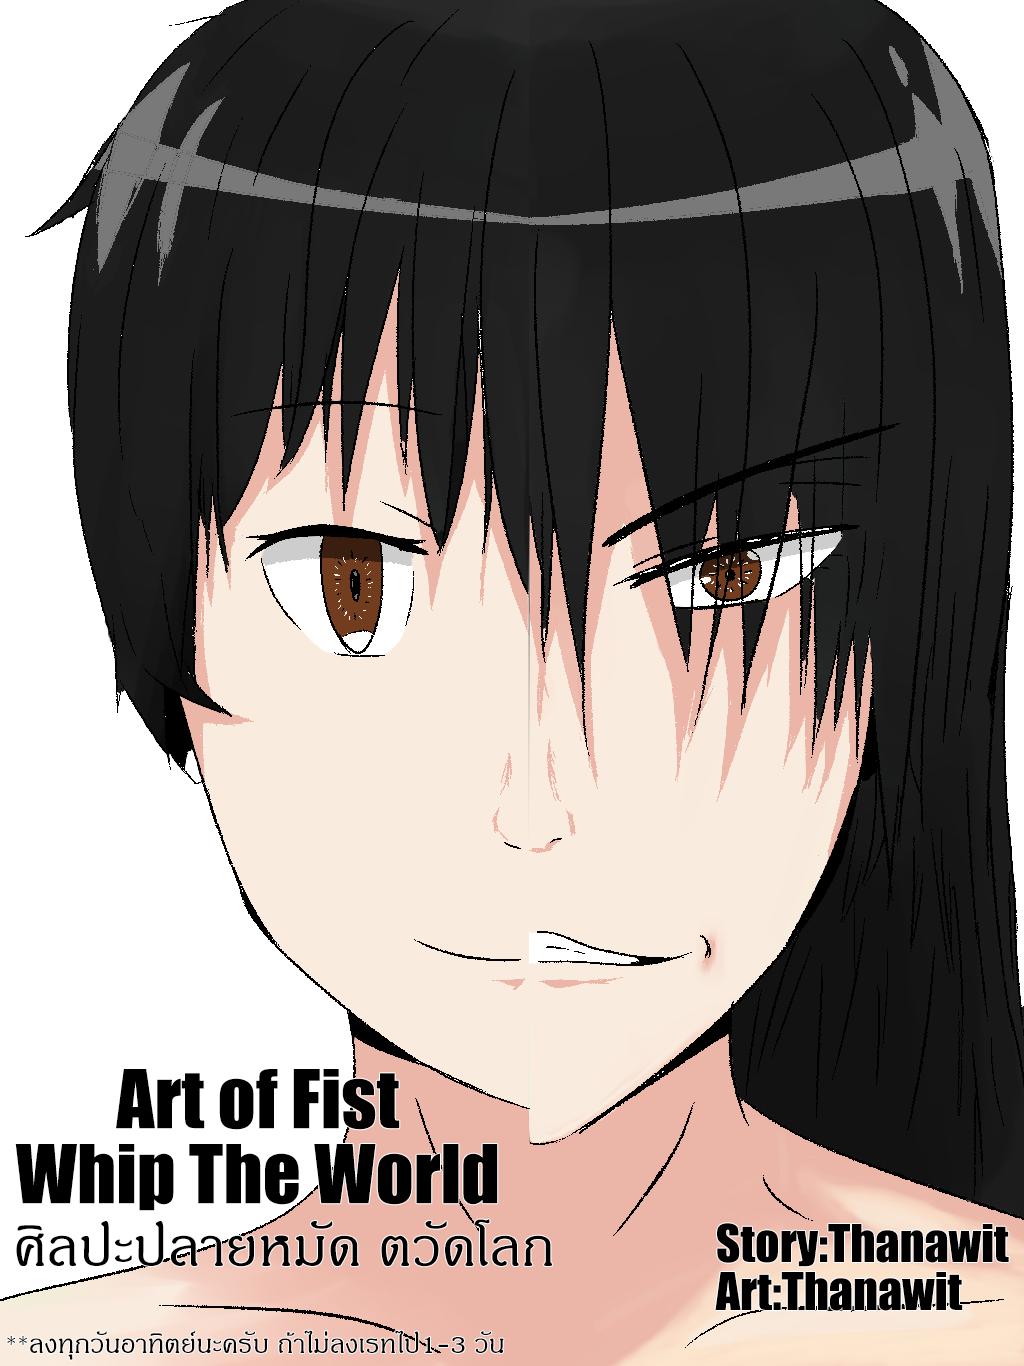 ศิลปะปลายหมัด ตวัดโลก (Art of Fist,Whip The World)